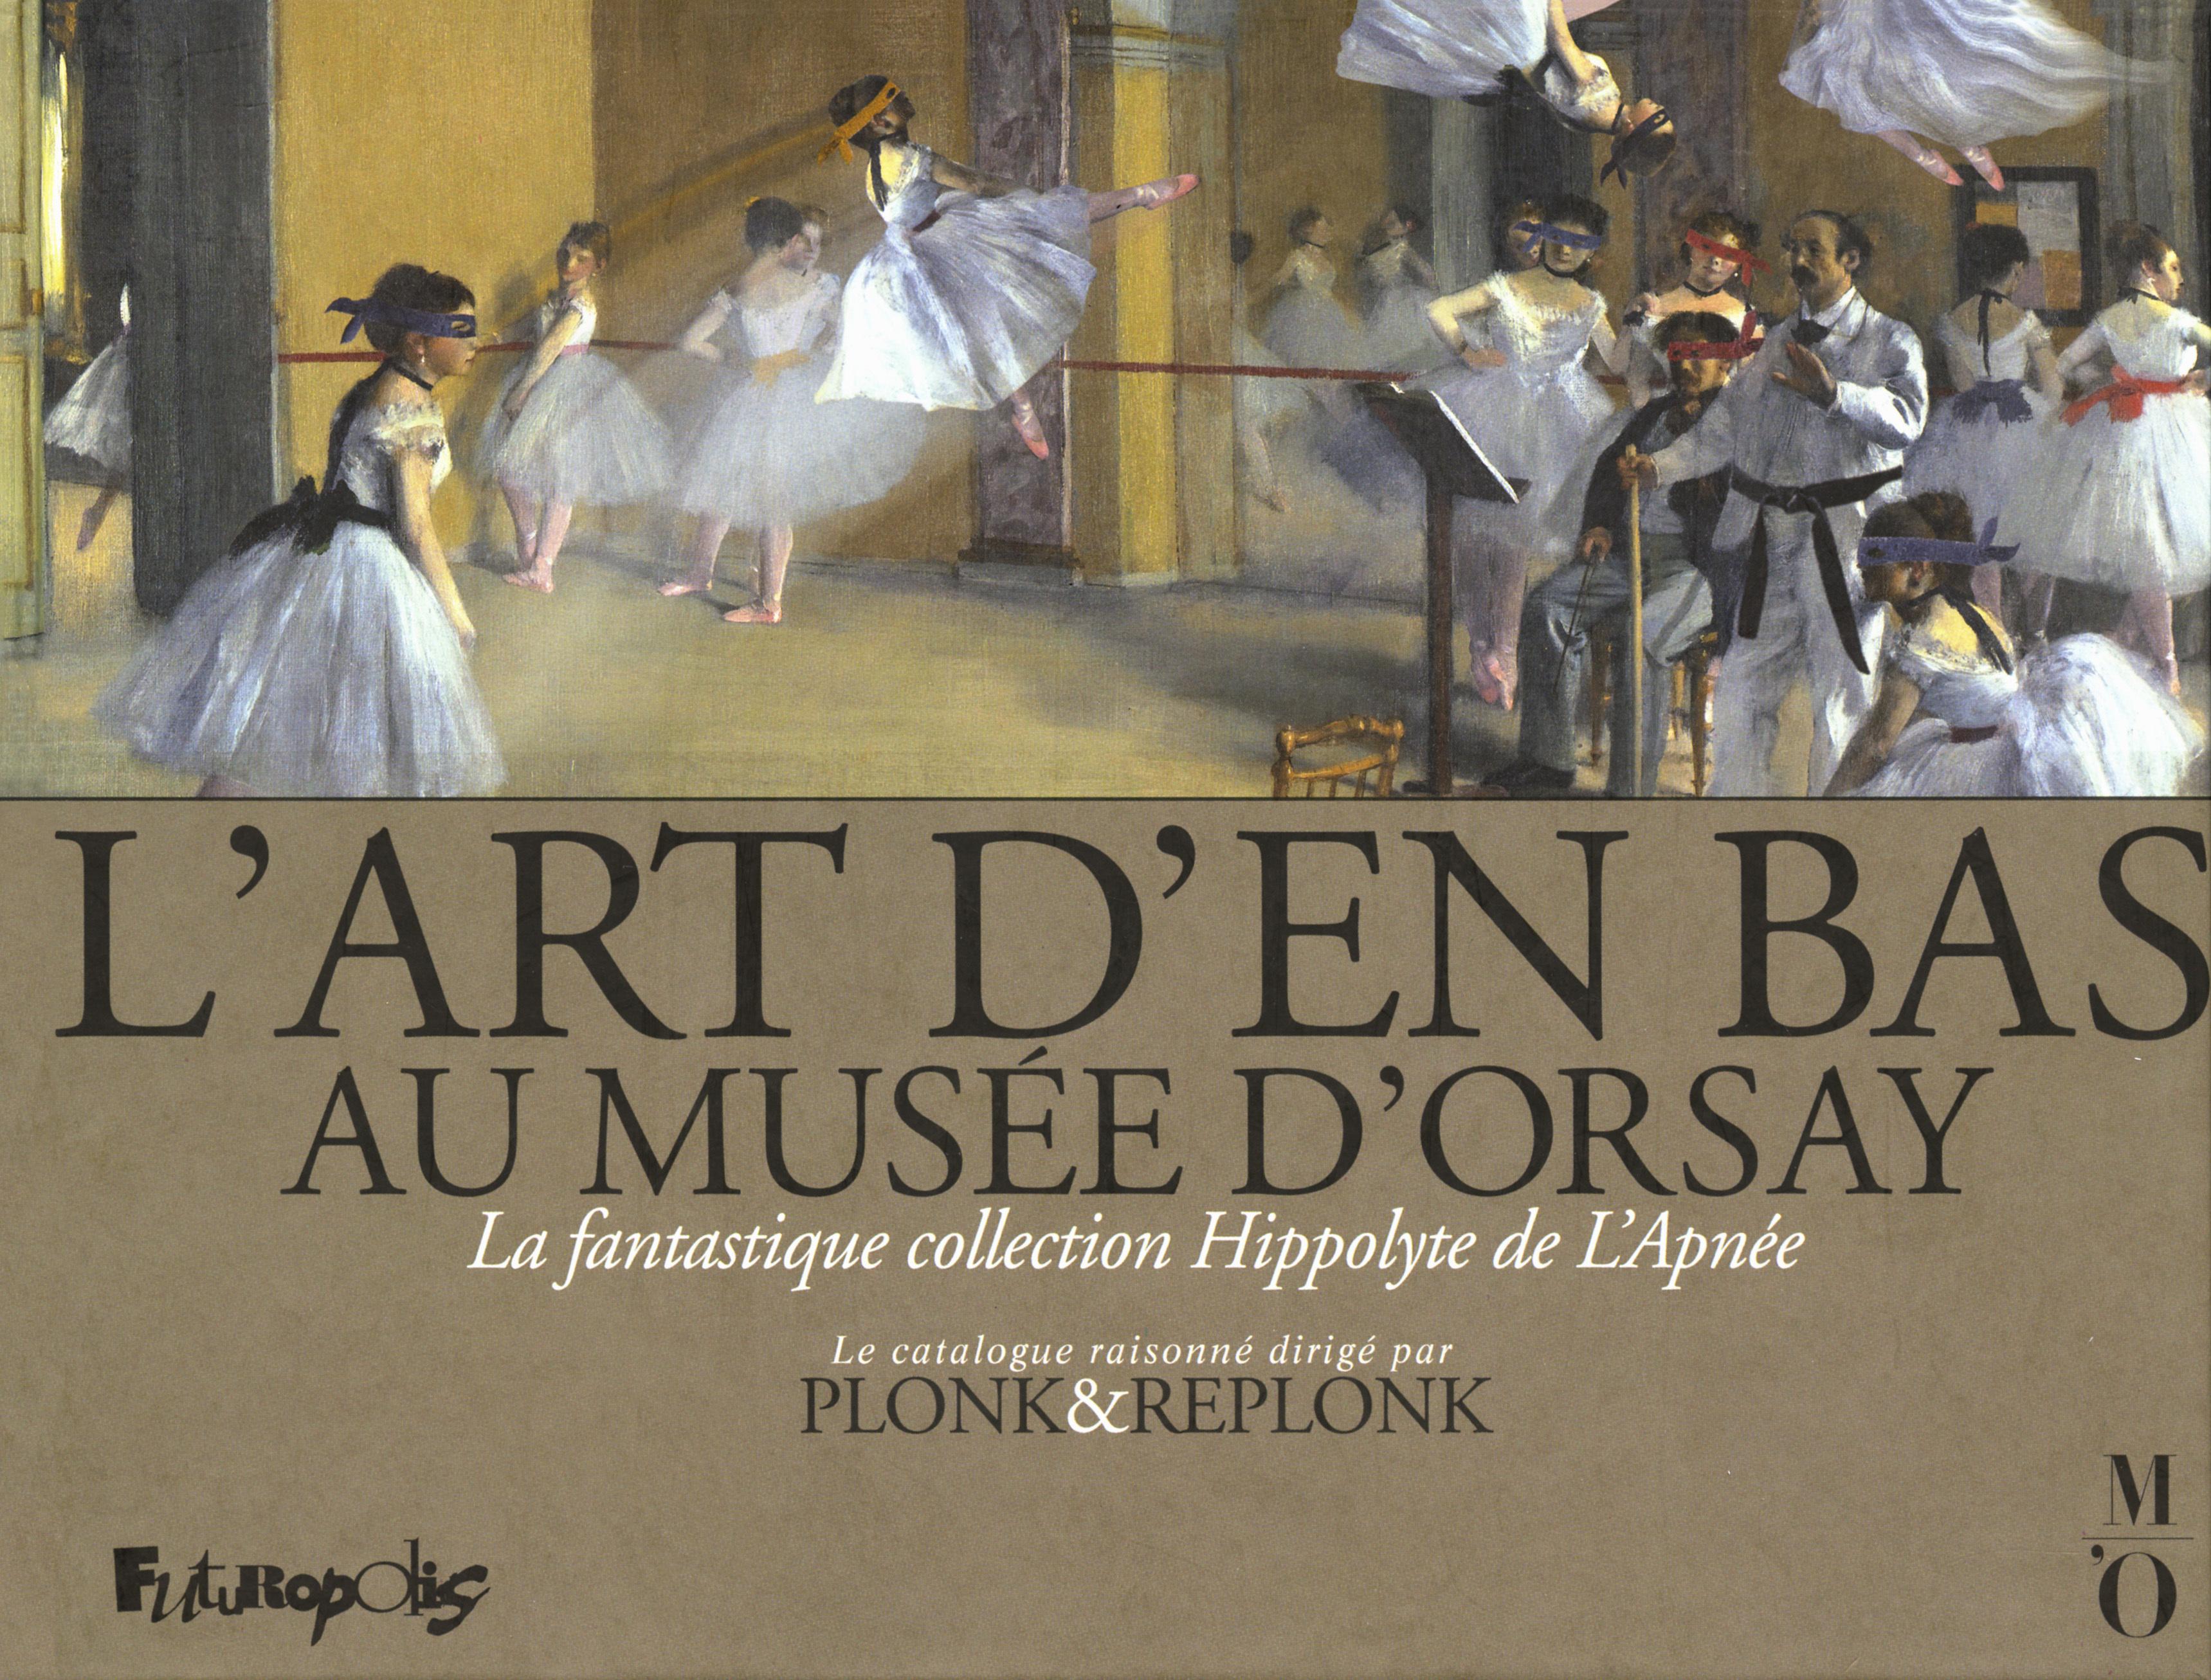 L'ART D'EN BAS AU MUSEE D'ORSAY - LA FANTASTIQUE COLLECTION HIPPOLYTE DE L'APNEE